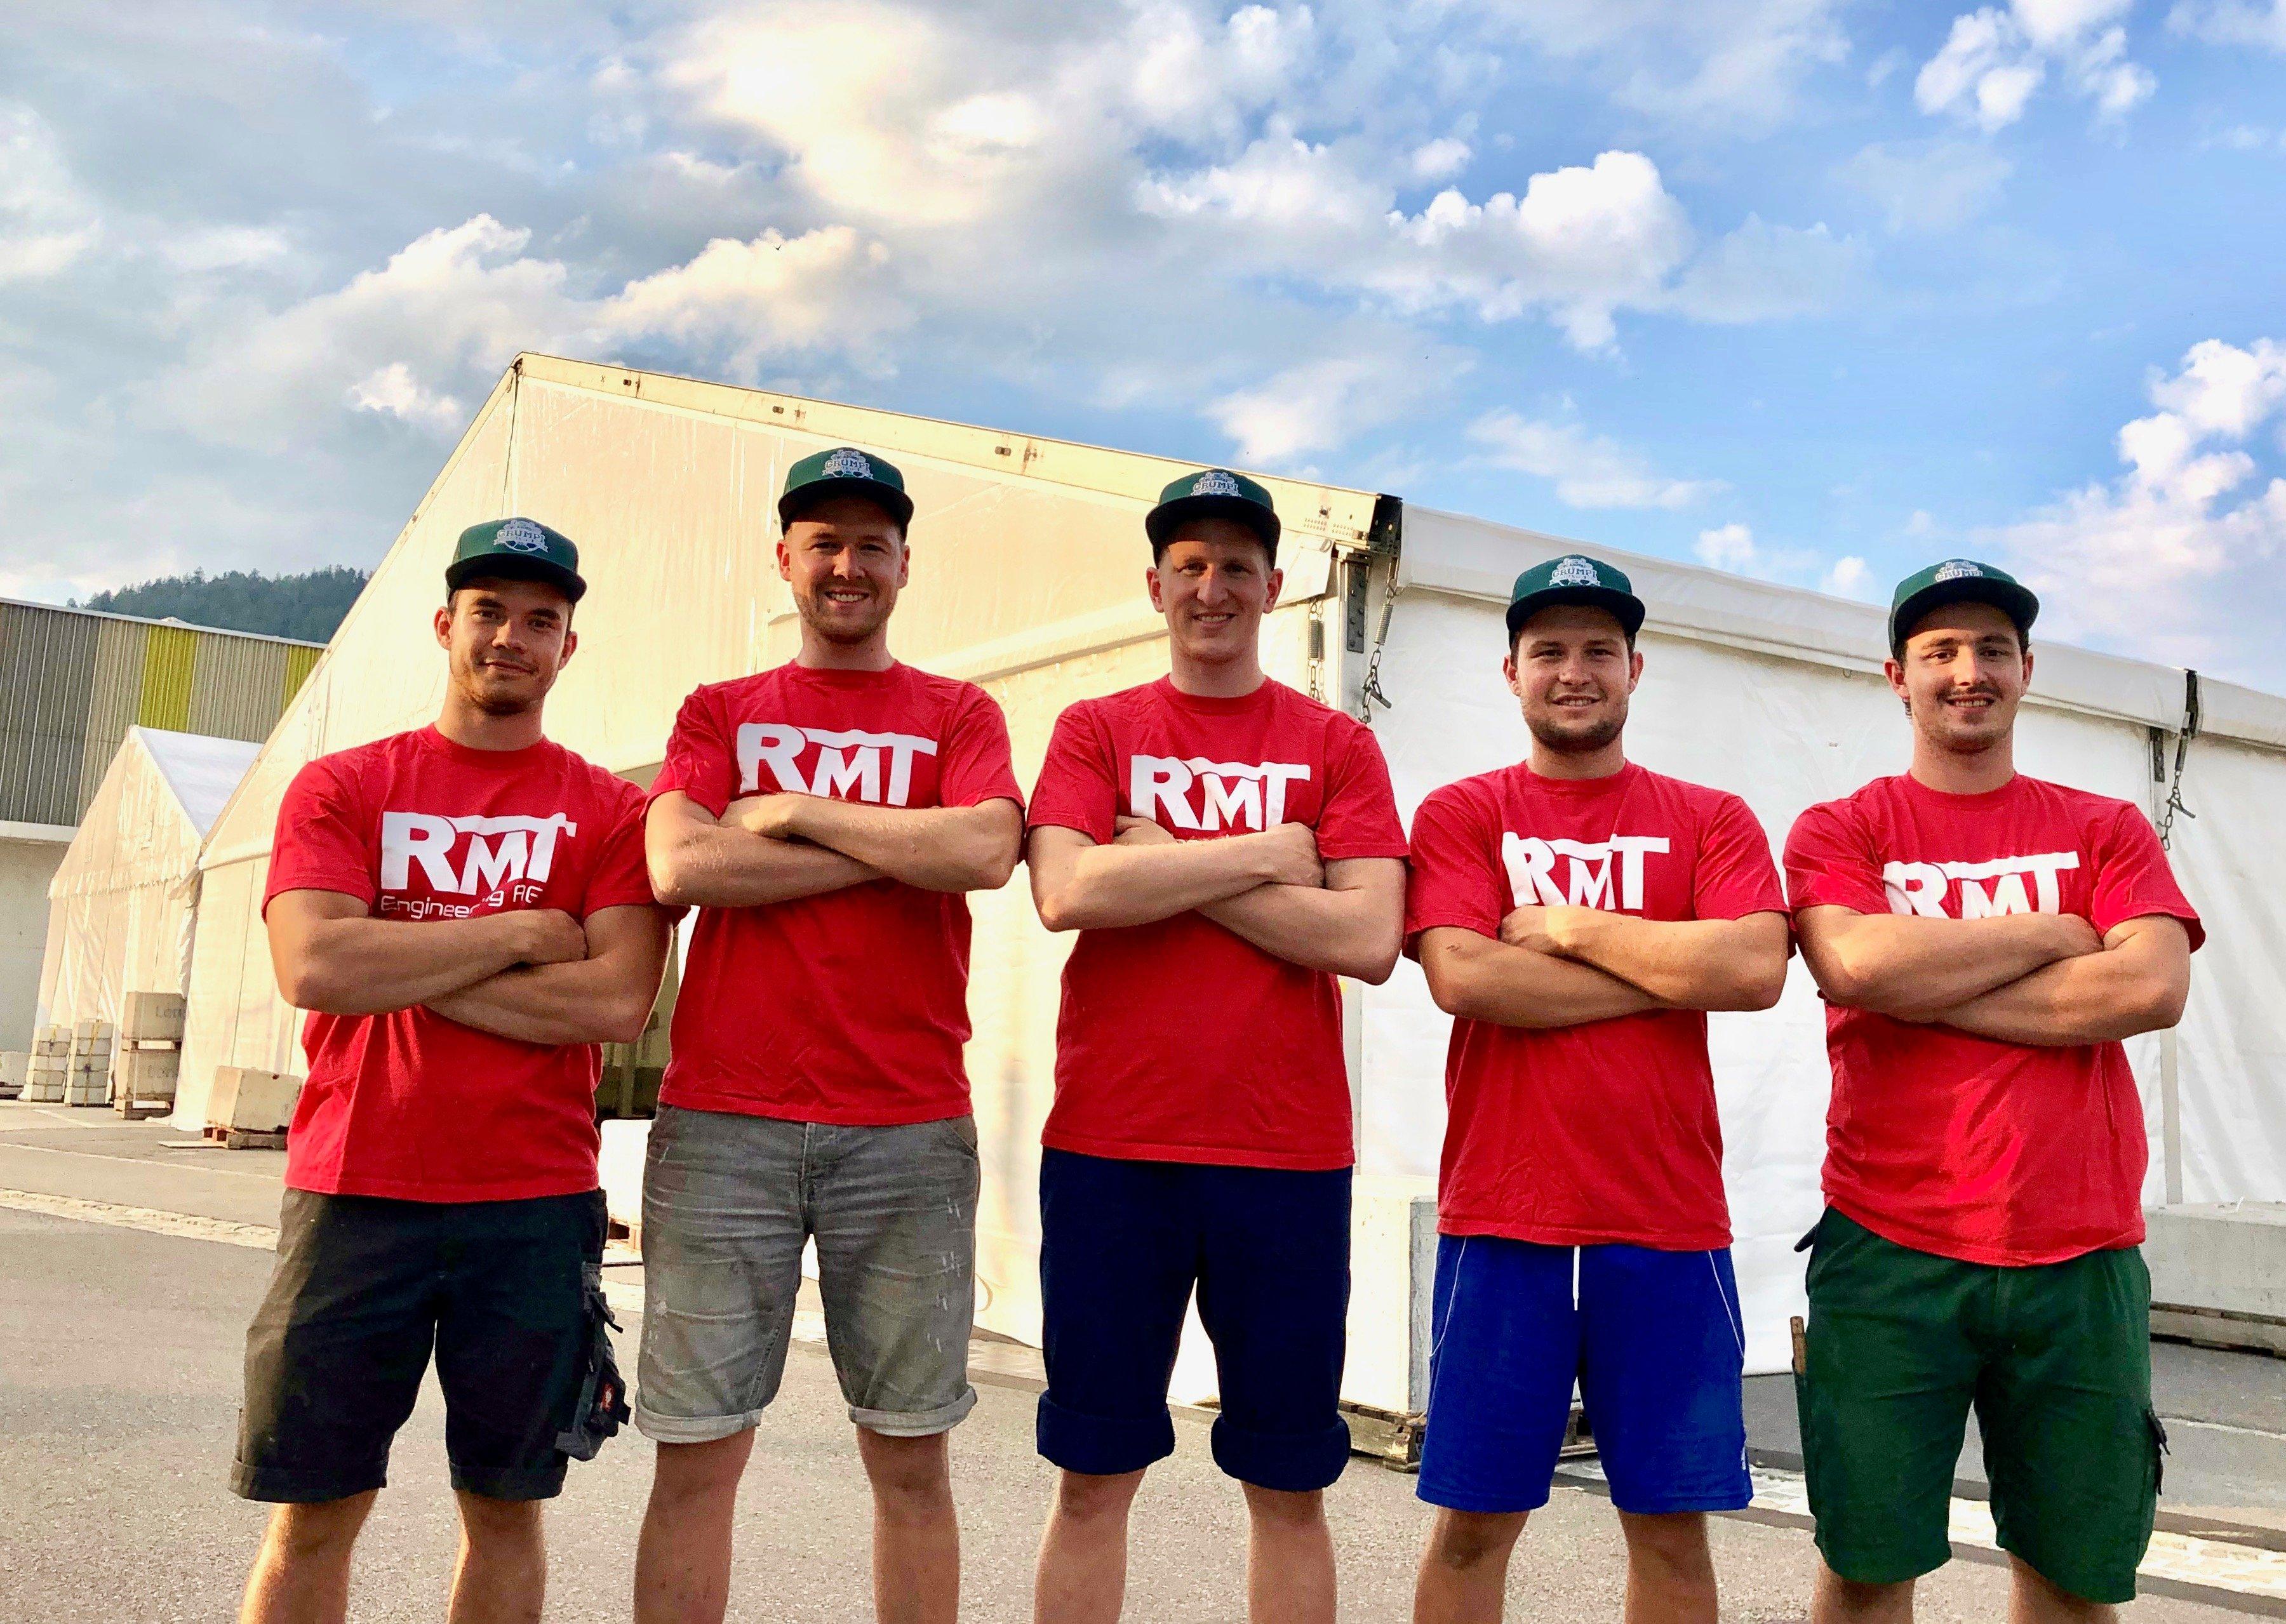 Das OK-Bau ist seit Dienstag mit dem Aufbau des Areals beschäftigt (von links: Fabio Elsener, Michael Schwarzenberger, Marco Schwarzenberger, Sandro Meier und Roman Blättler).